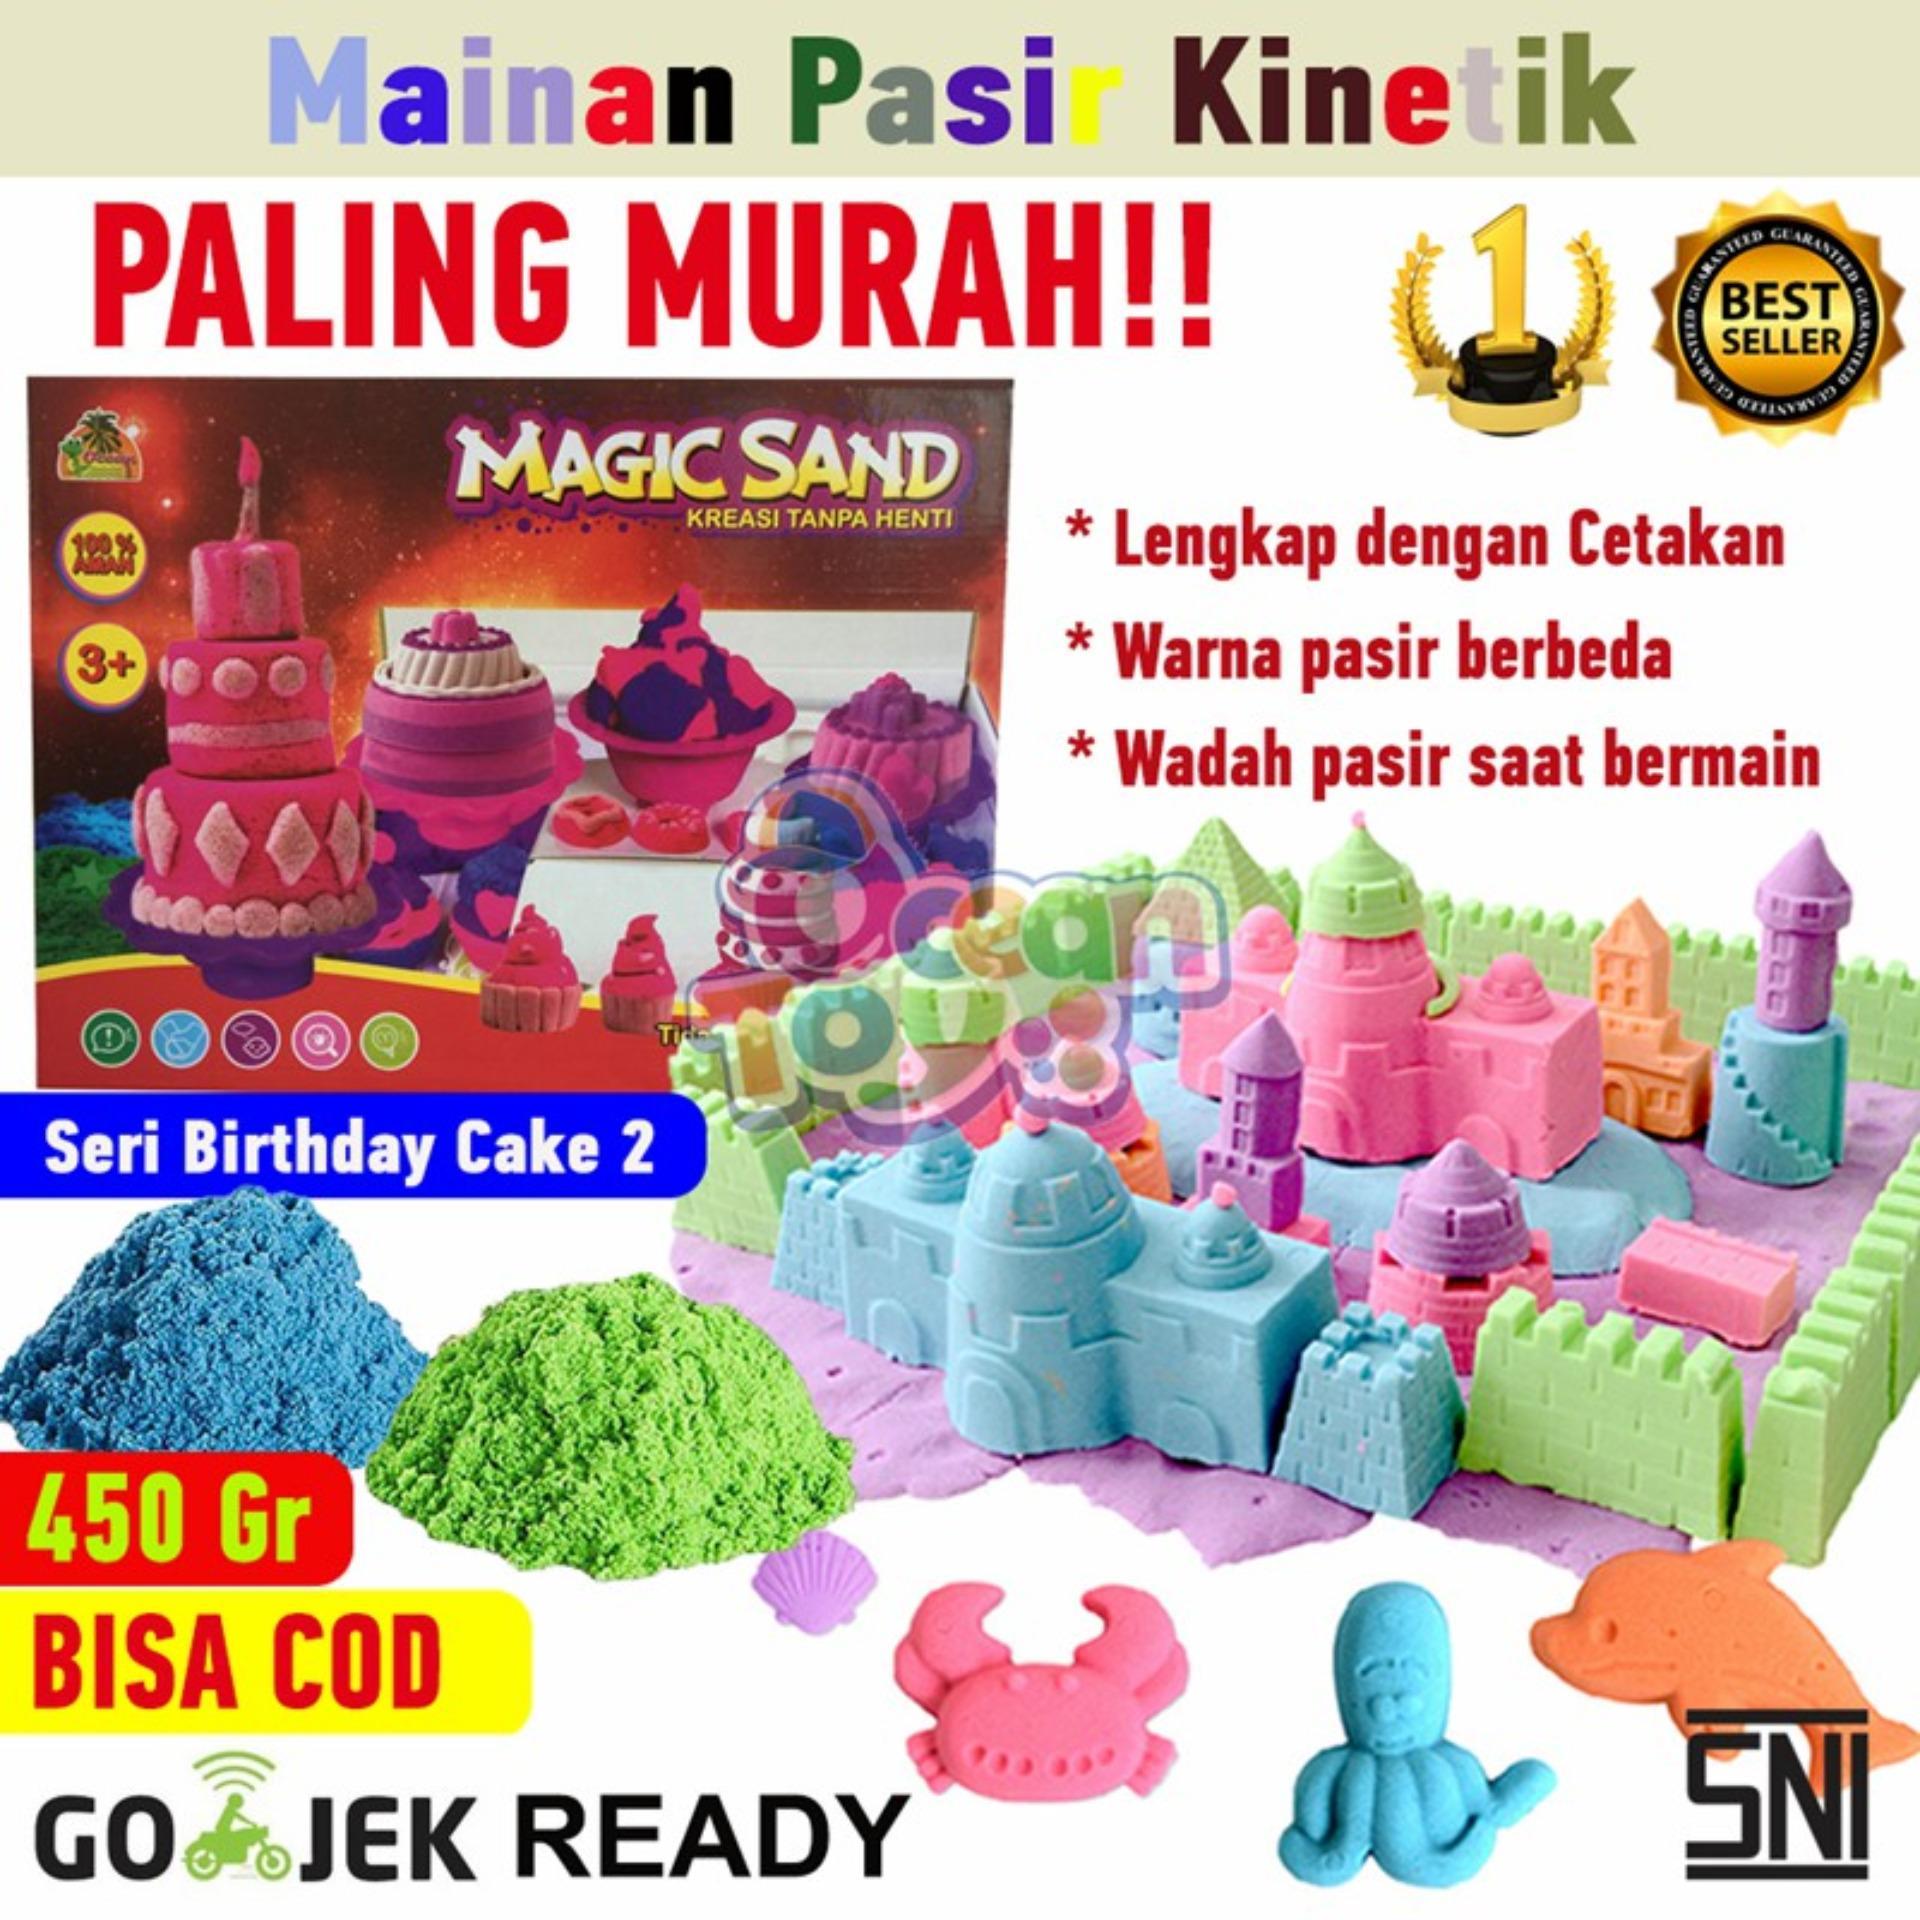 85564 barang ditemukan dalam Kerajinan Tangan   Kesenian Anak. Mainan Pasir  Ajaib   FS Murah   Mainan Pasir Ajaib Anak   Pasir Kinetik   Pasir 81479e1988